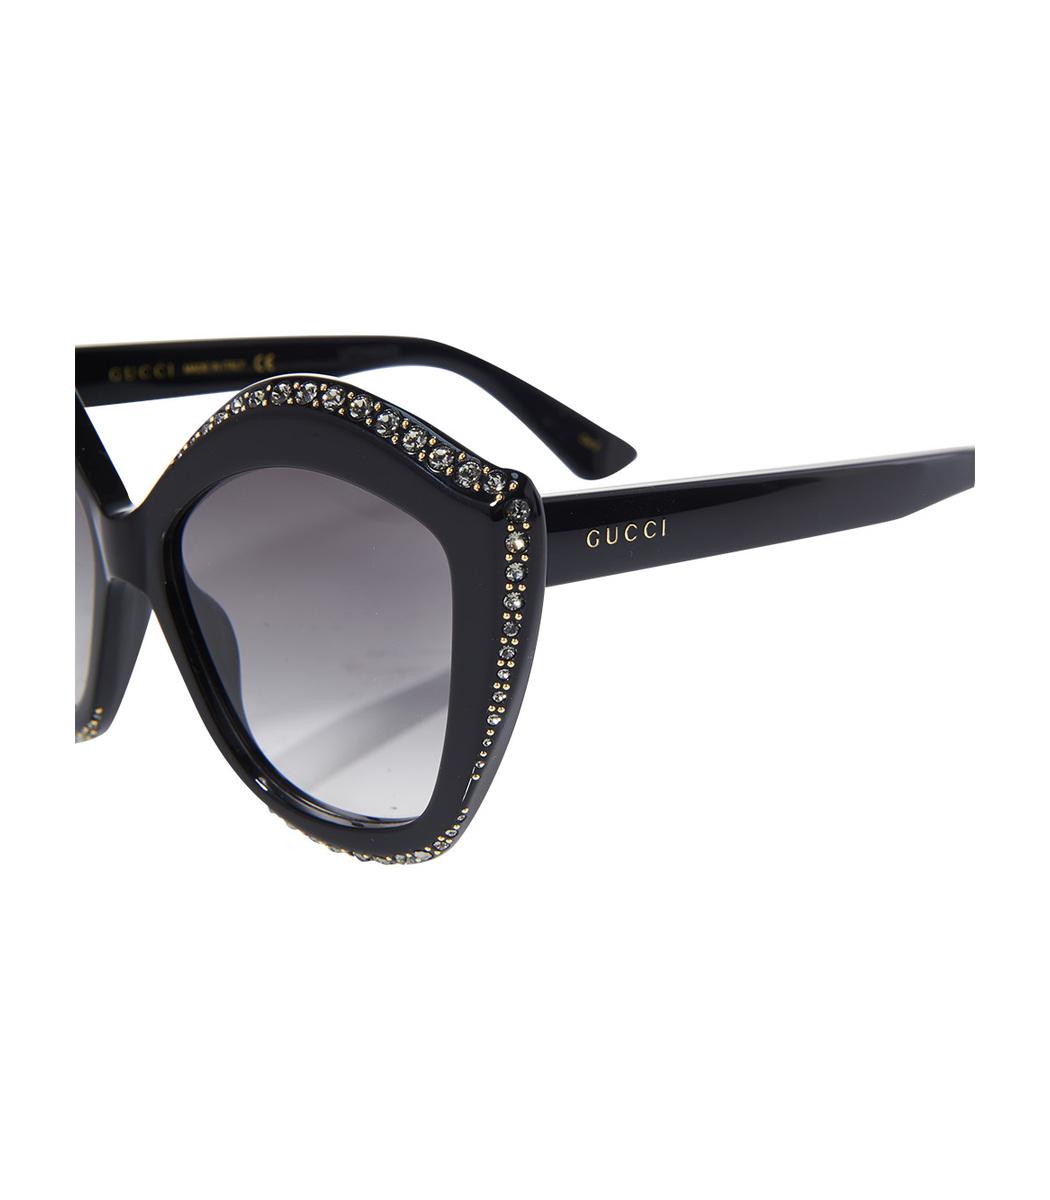 e241703f3e0 Gucci Cat Eye Sunglasses Amazon